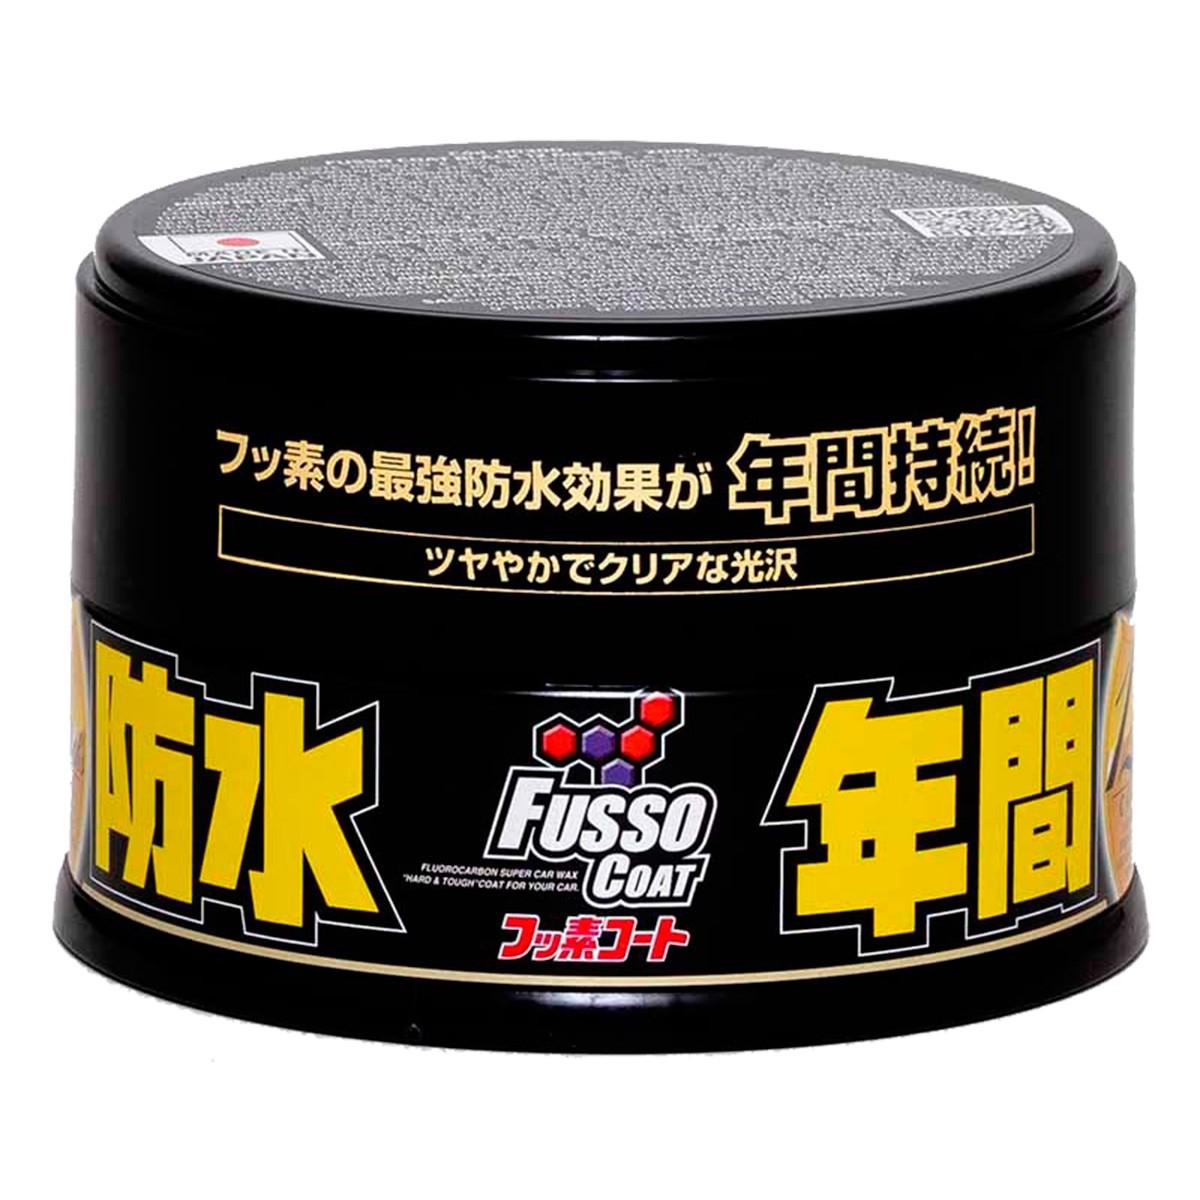 Fusso Coat 12 Mont Dark 200g - Soft99